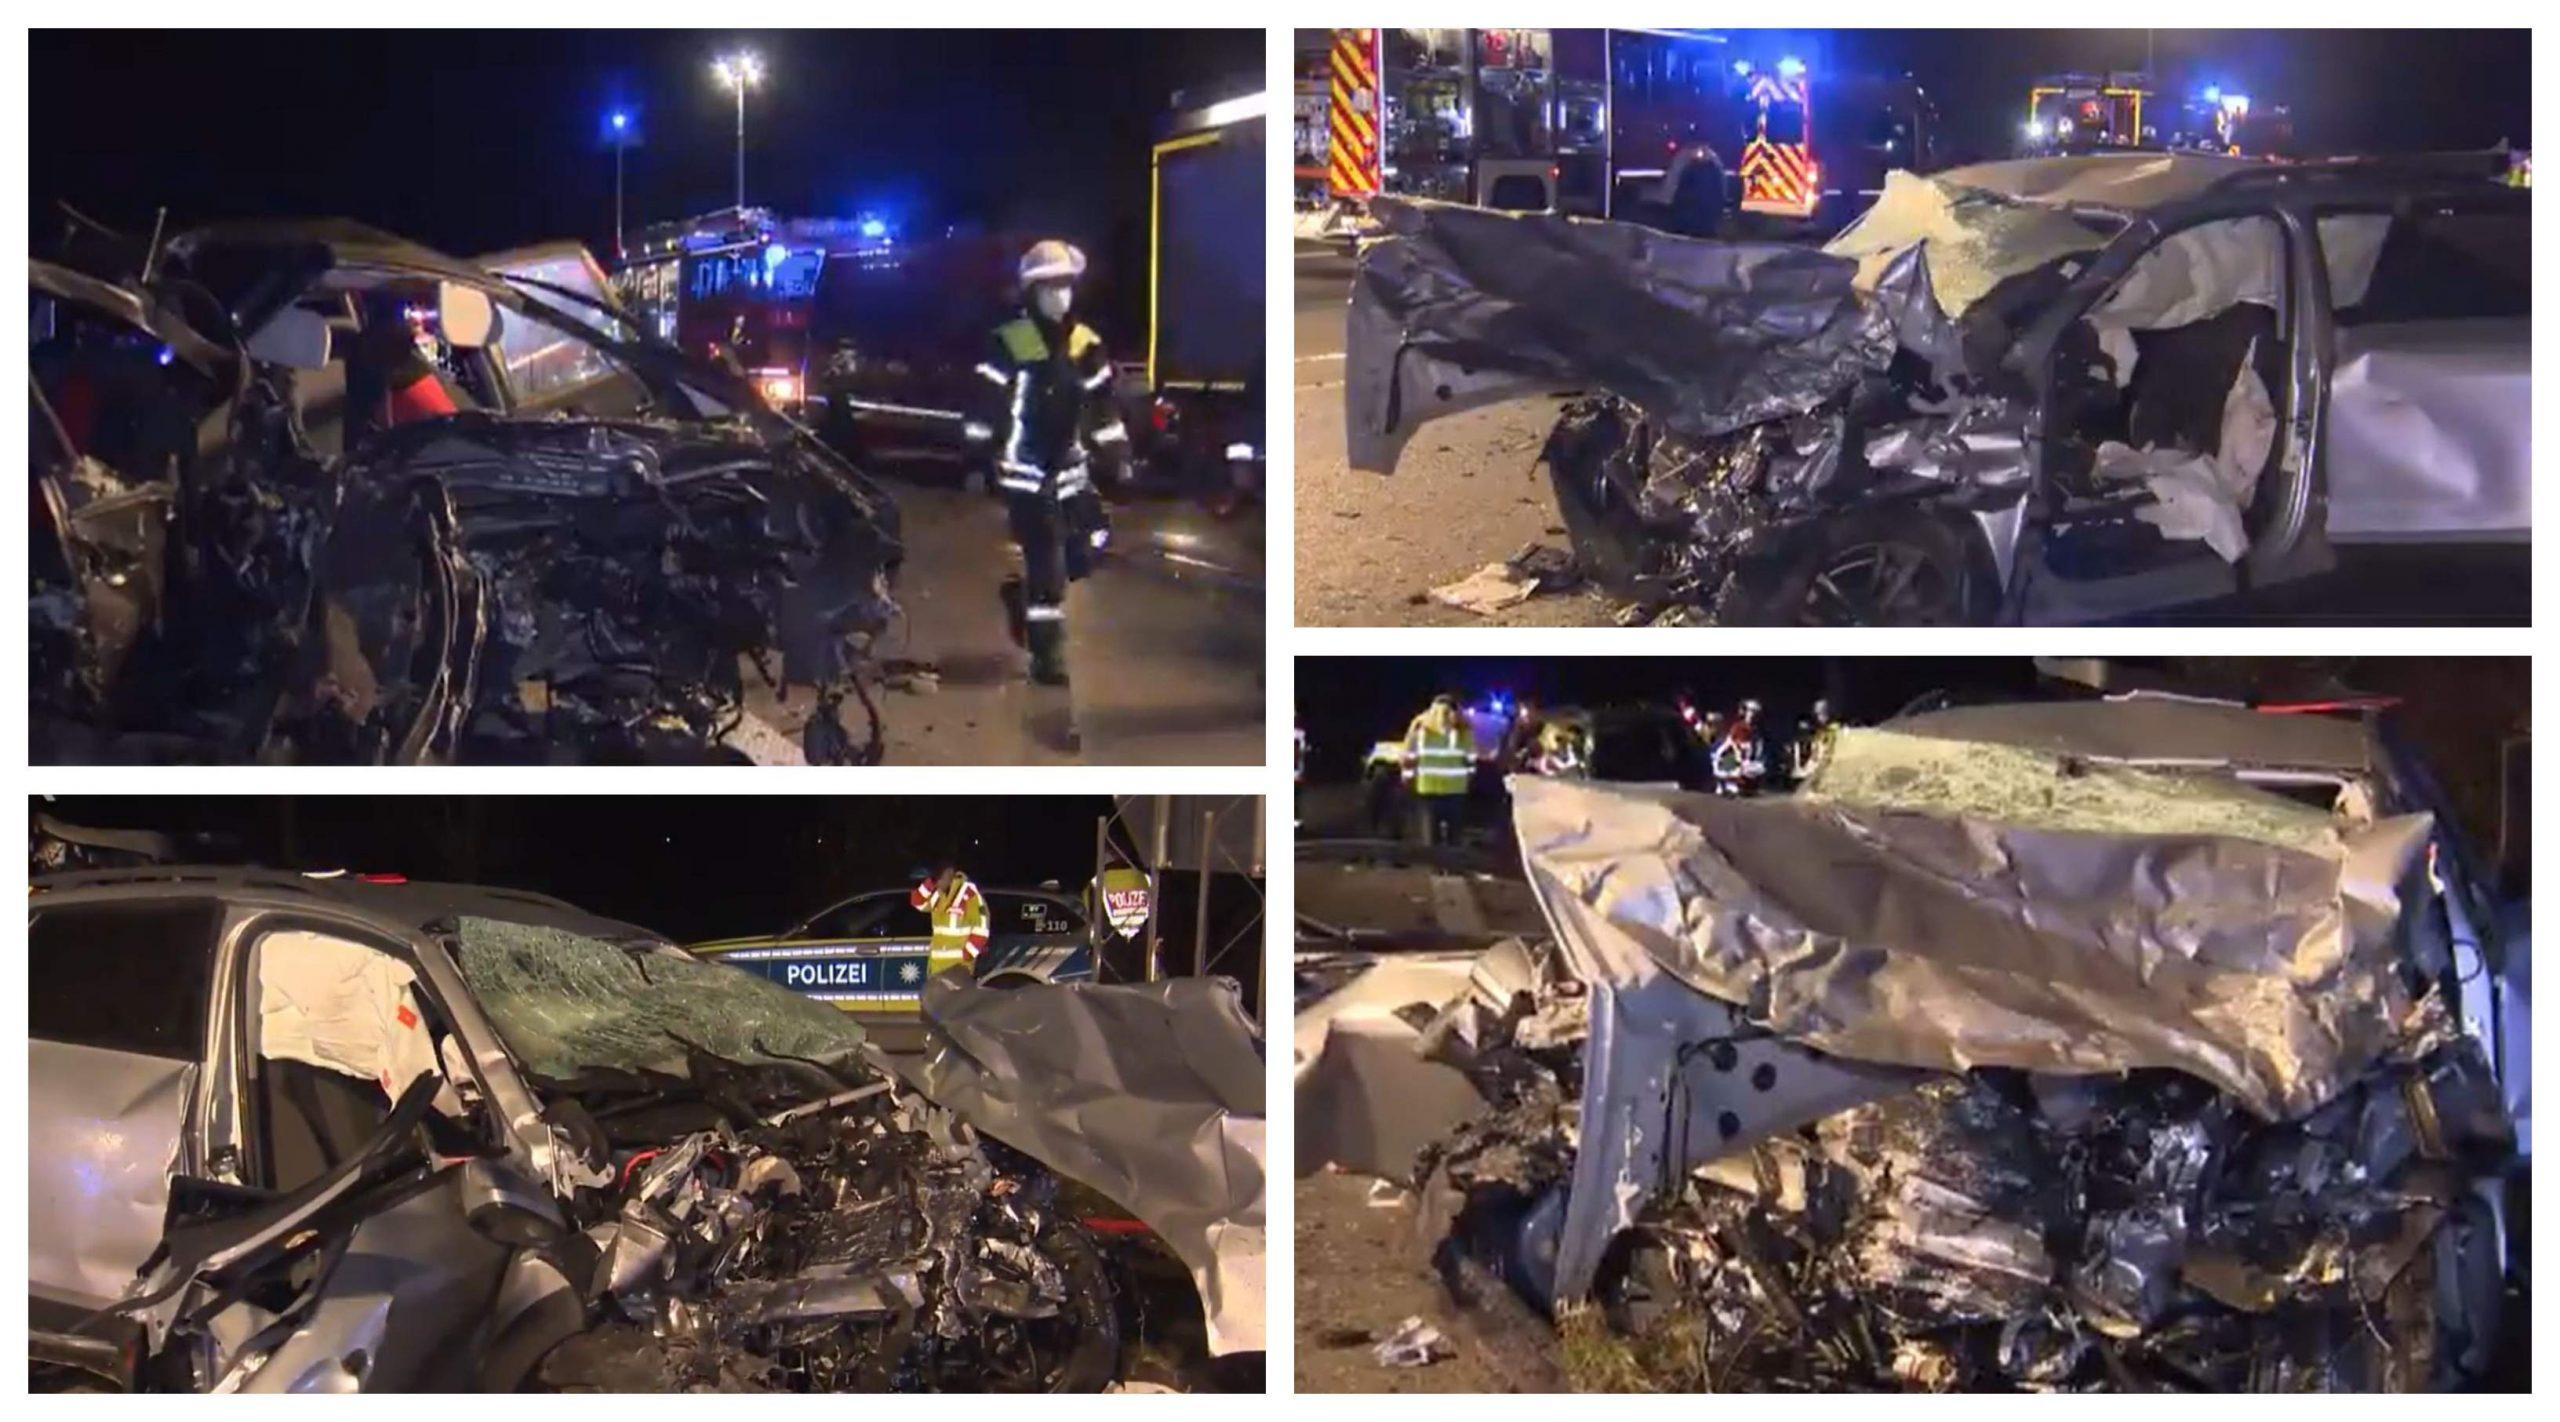 Patru morți, după ce un șofer român a intrat pe contrasens în Germania și s-a izbit de un Audi, pe banda din mijloc a unei autostrăzi